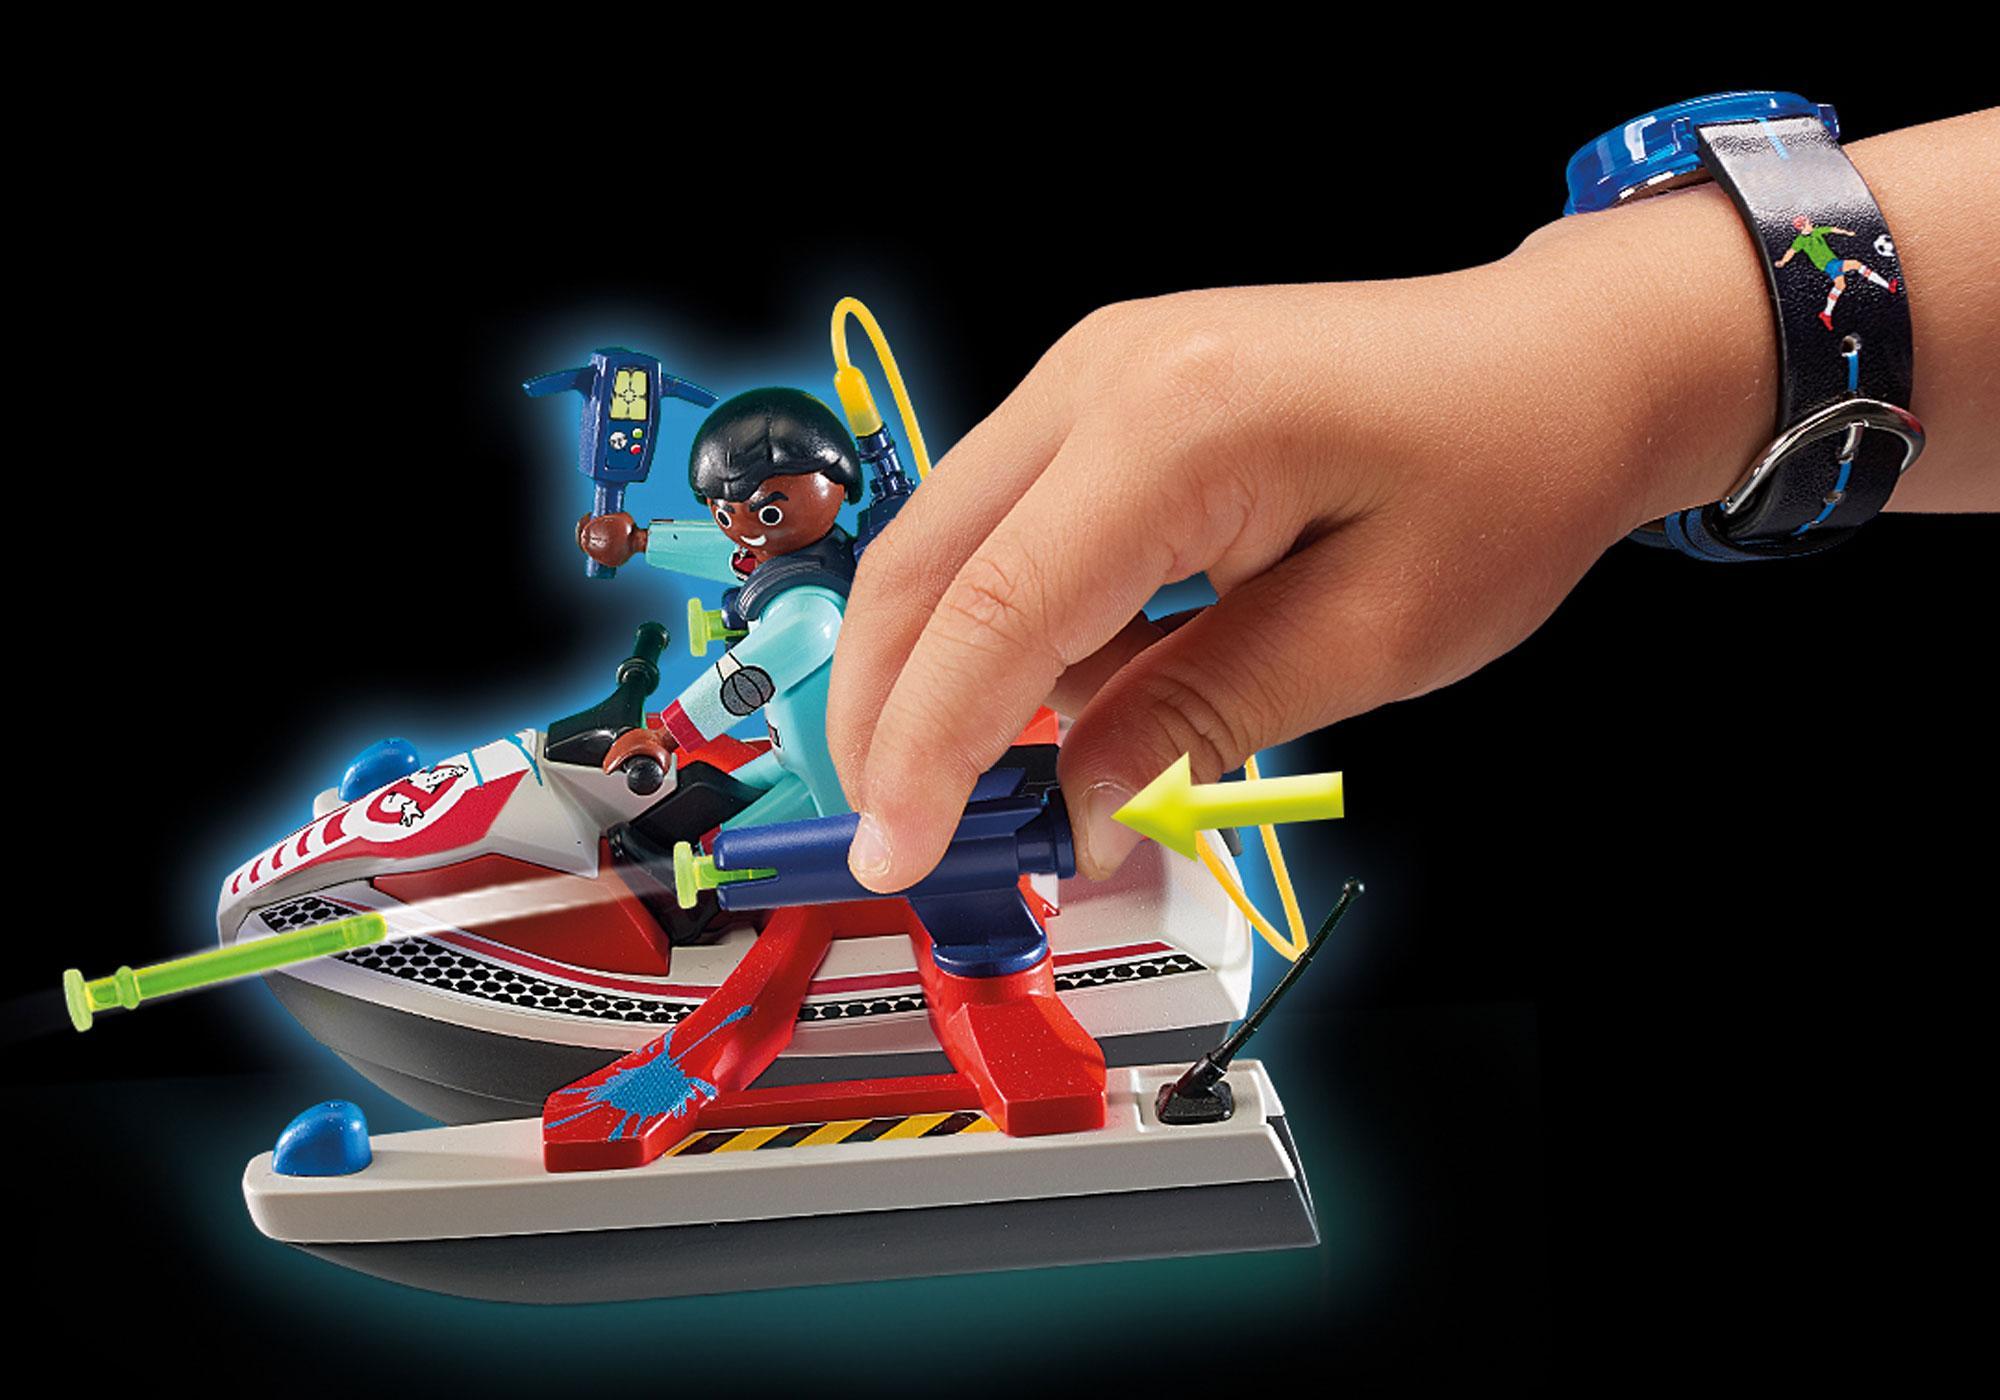 http://media.playmobil.com/i/playmobil/9387_product_extra1/Zeddemore med vattenskoter